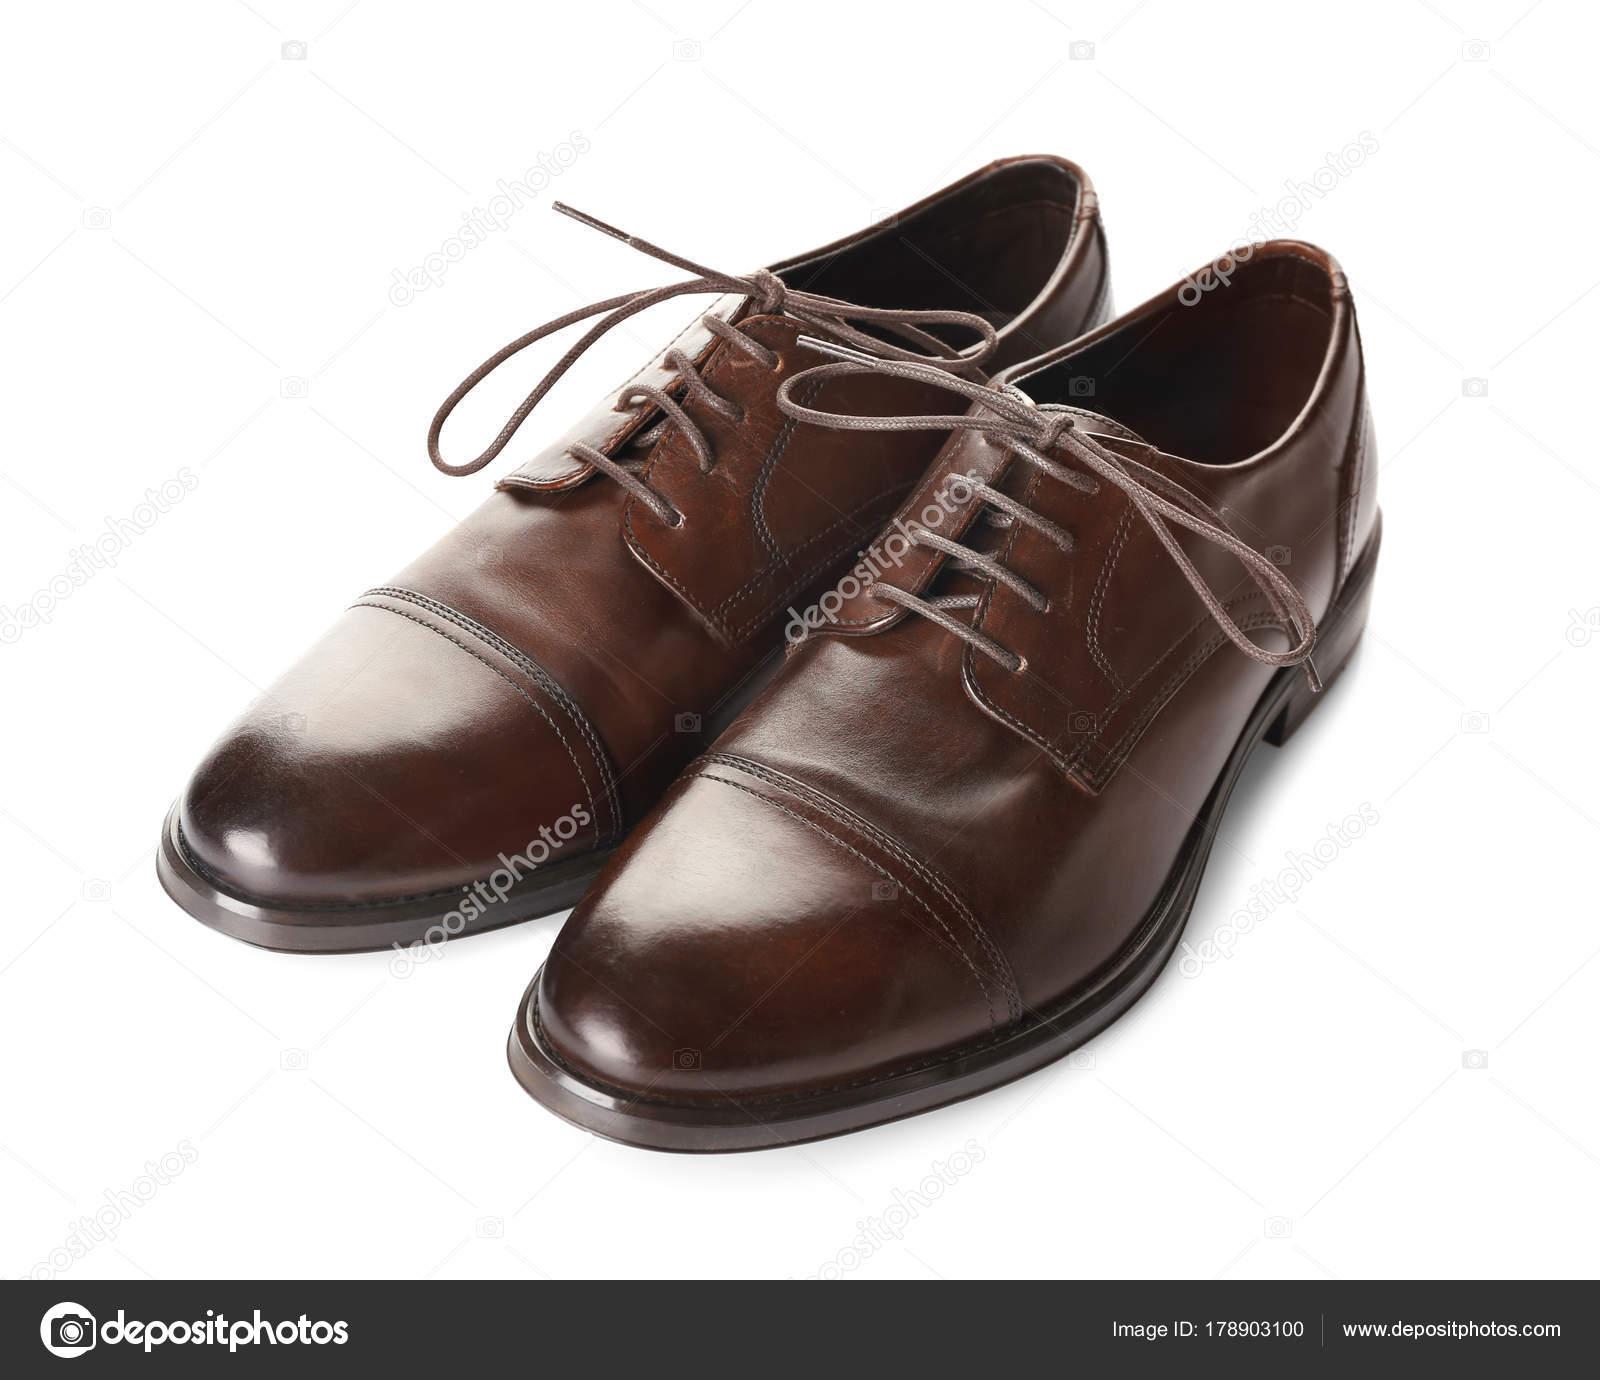 7e159b0e59 Zapatos de cuero los hombres sobre fondo blanco — Foto de stock ...